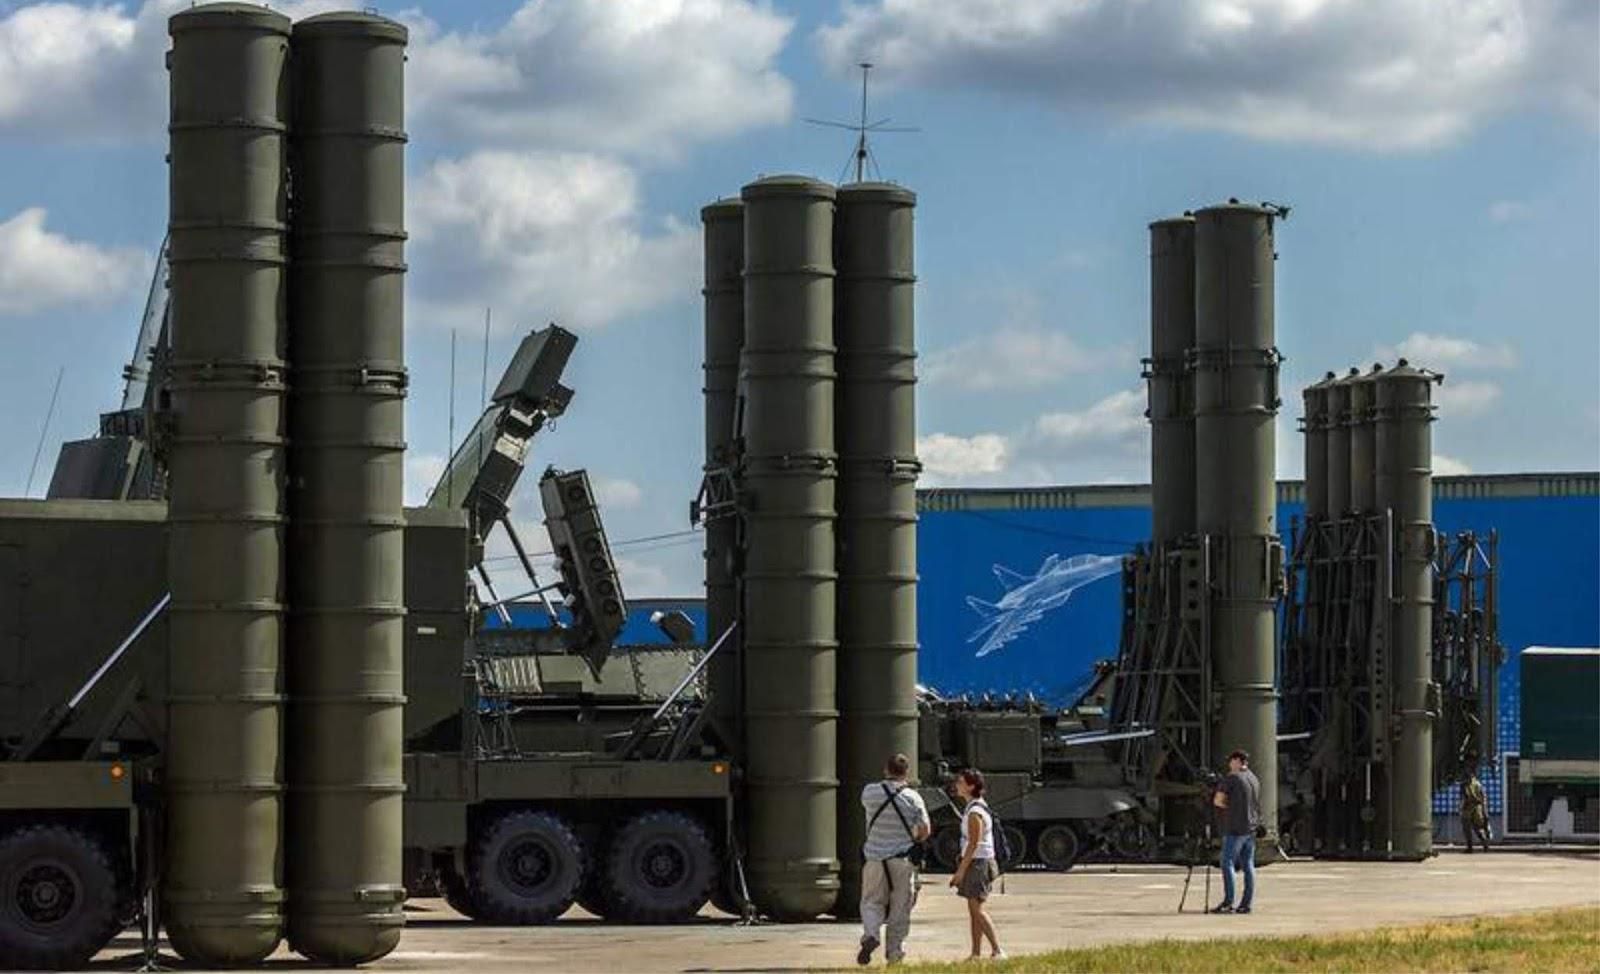 di masa depan Turki siap untuk mempertimbangkan opsi untuk membeli S-500 dari Rusia